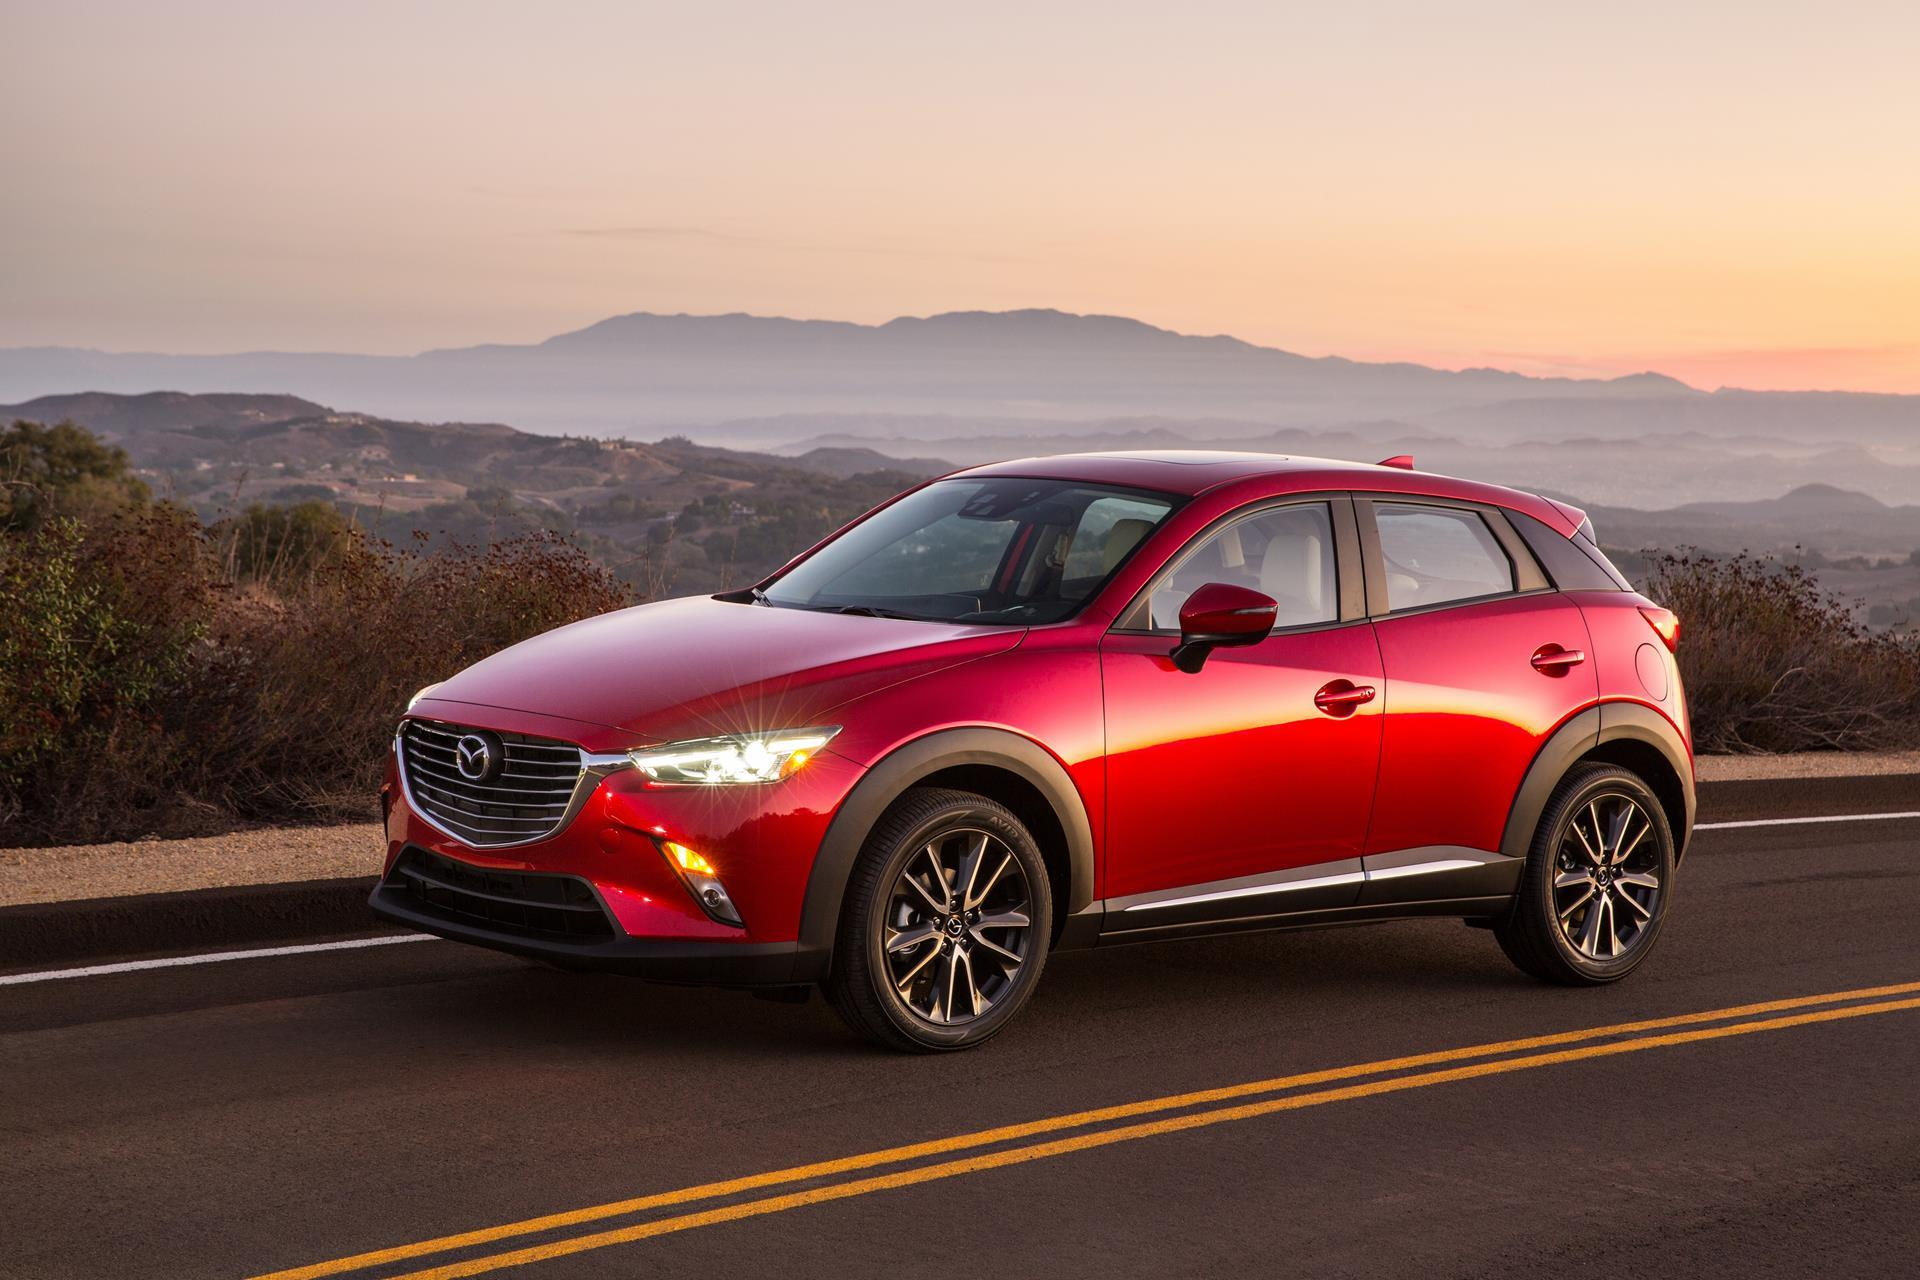 Mazda Cx 3 >> 2017 Mazda CX-3 Image. Photo 30 of 61